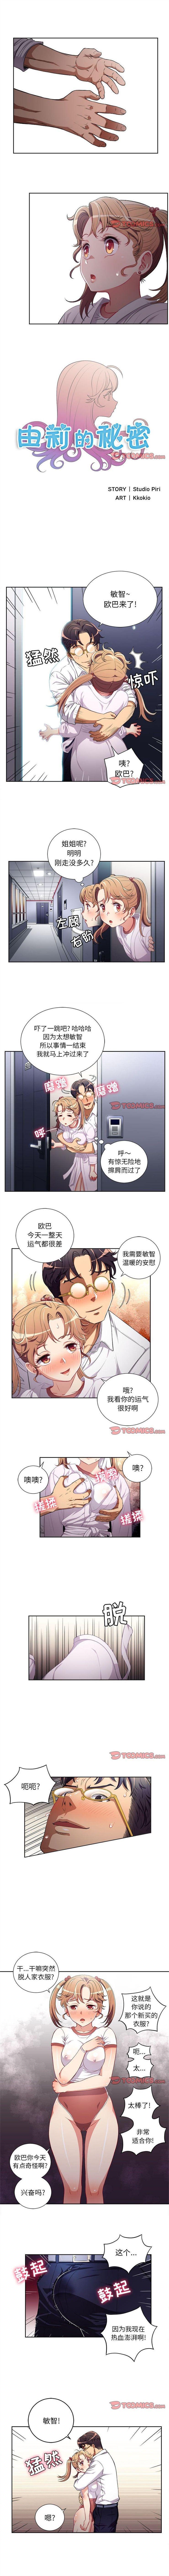 由莉的秘密1-60 中文翻译 (更新中) 241